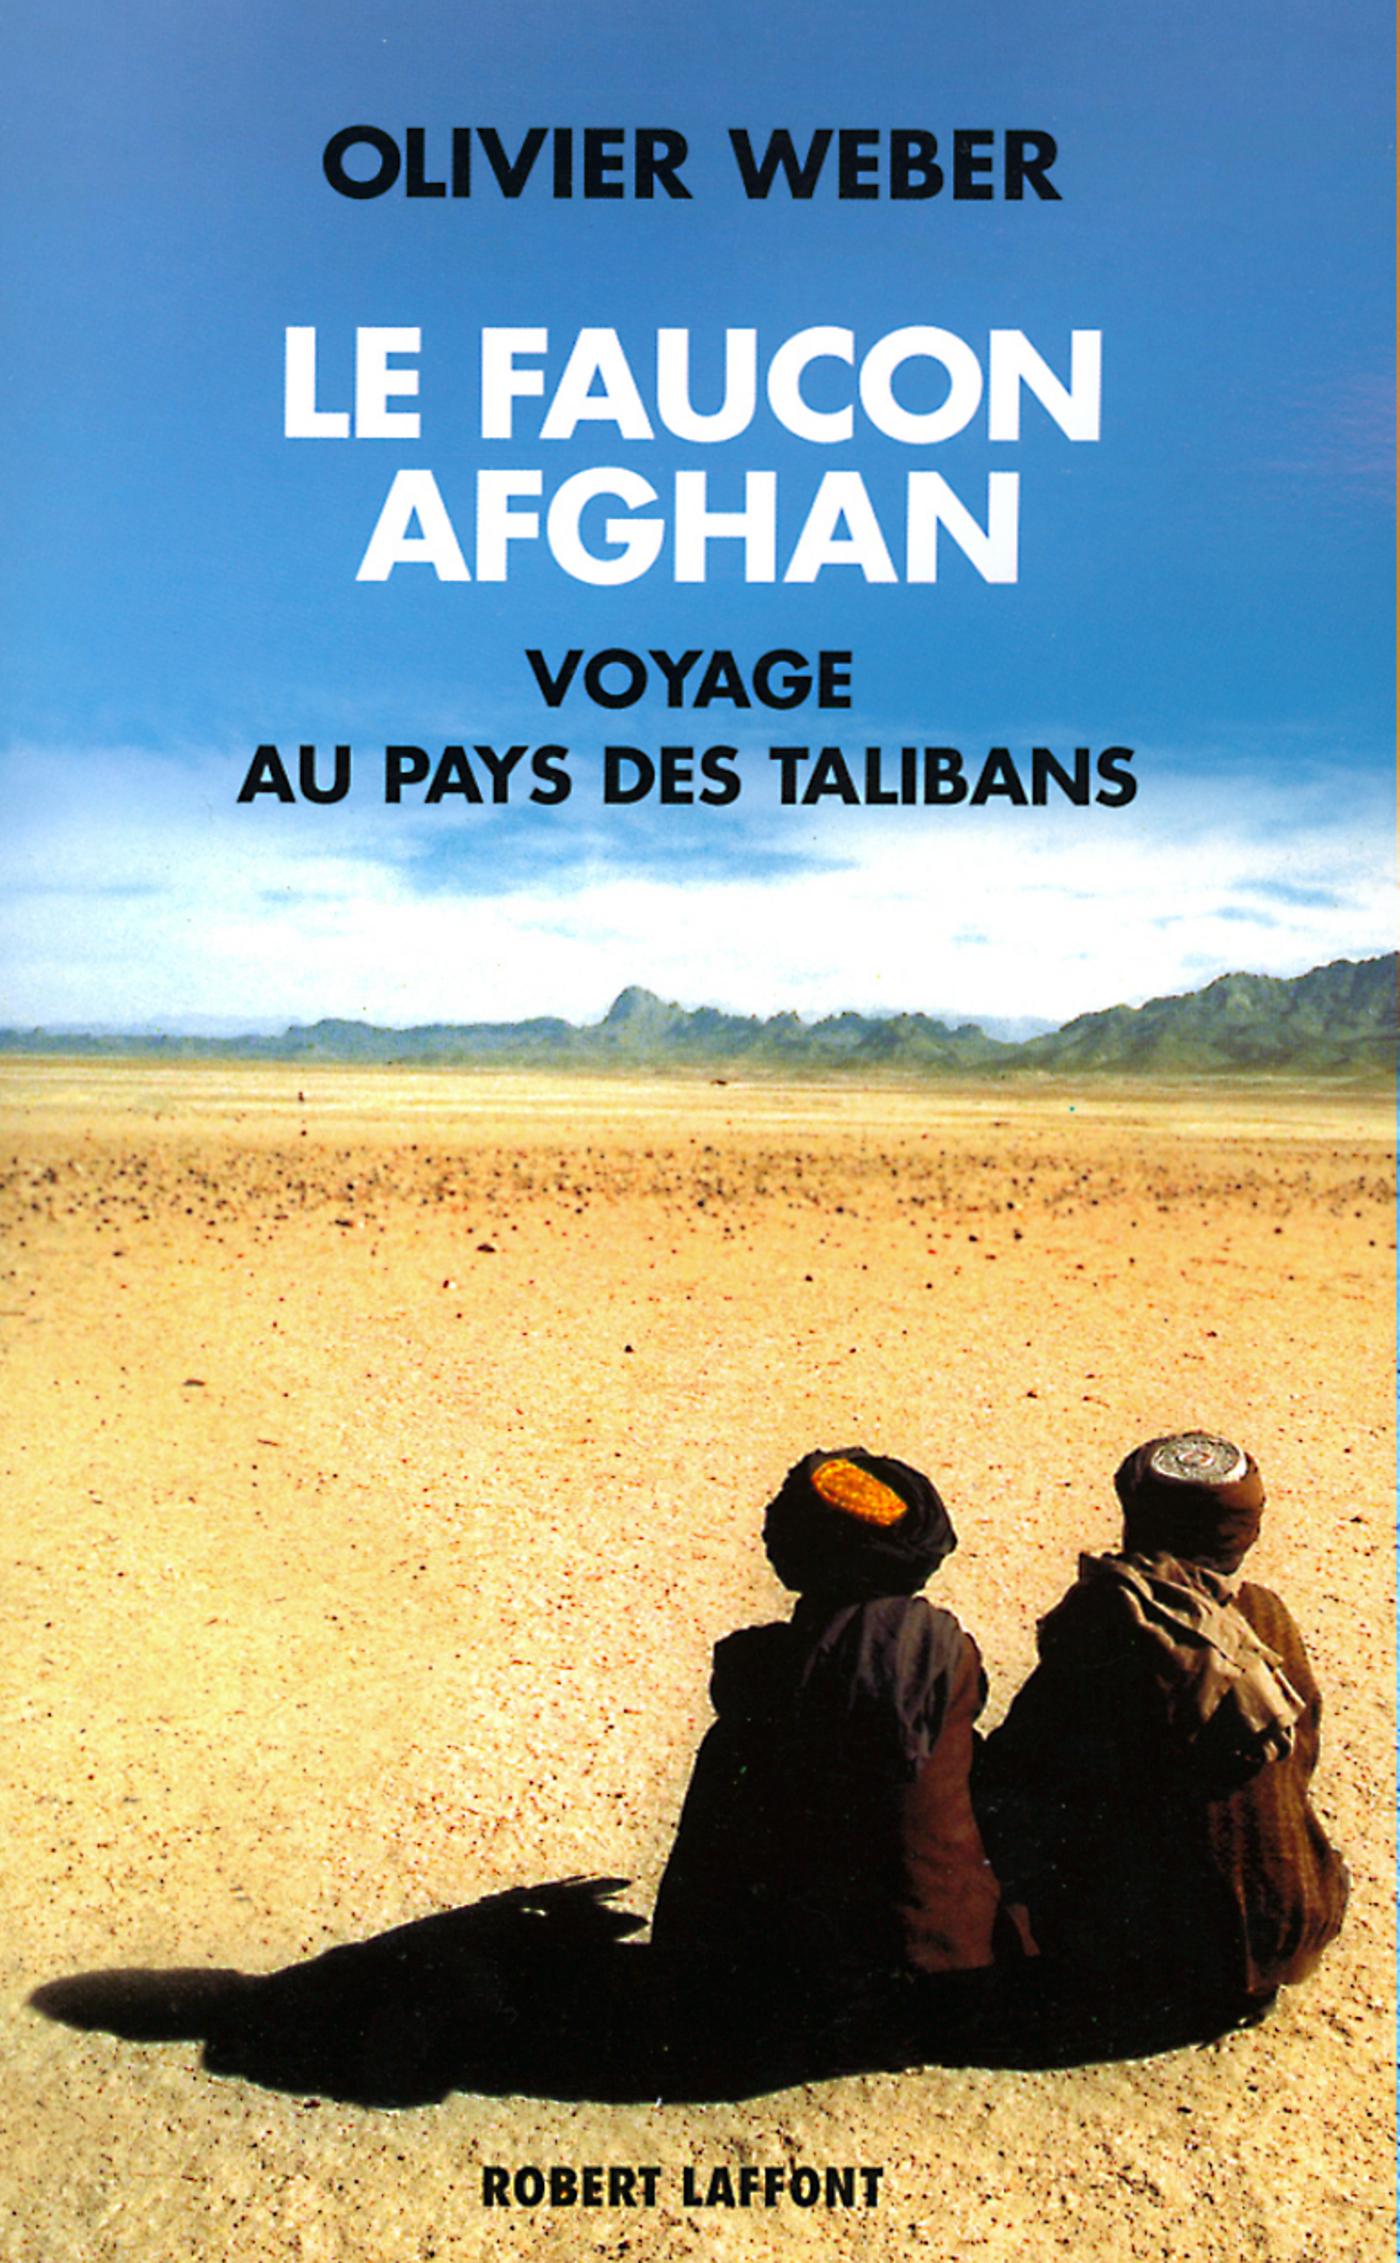 Le faucon afghan